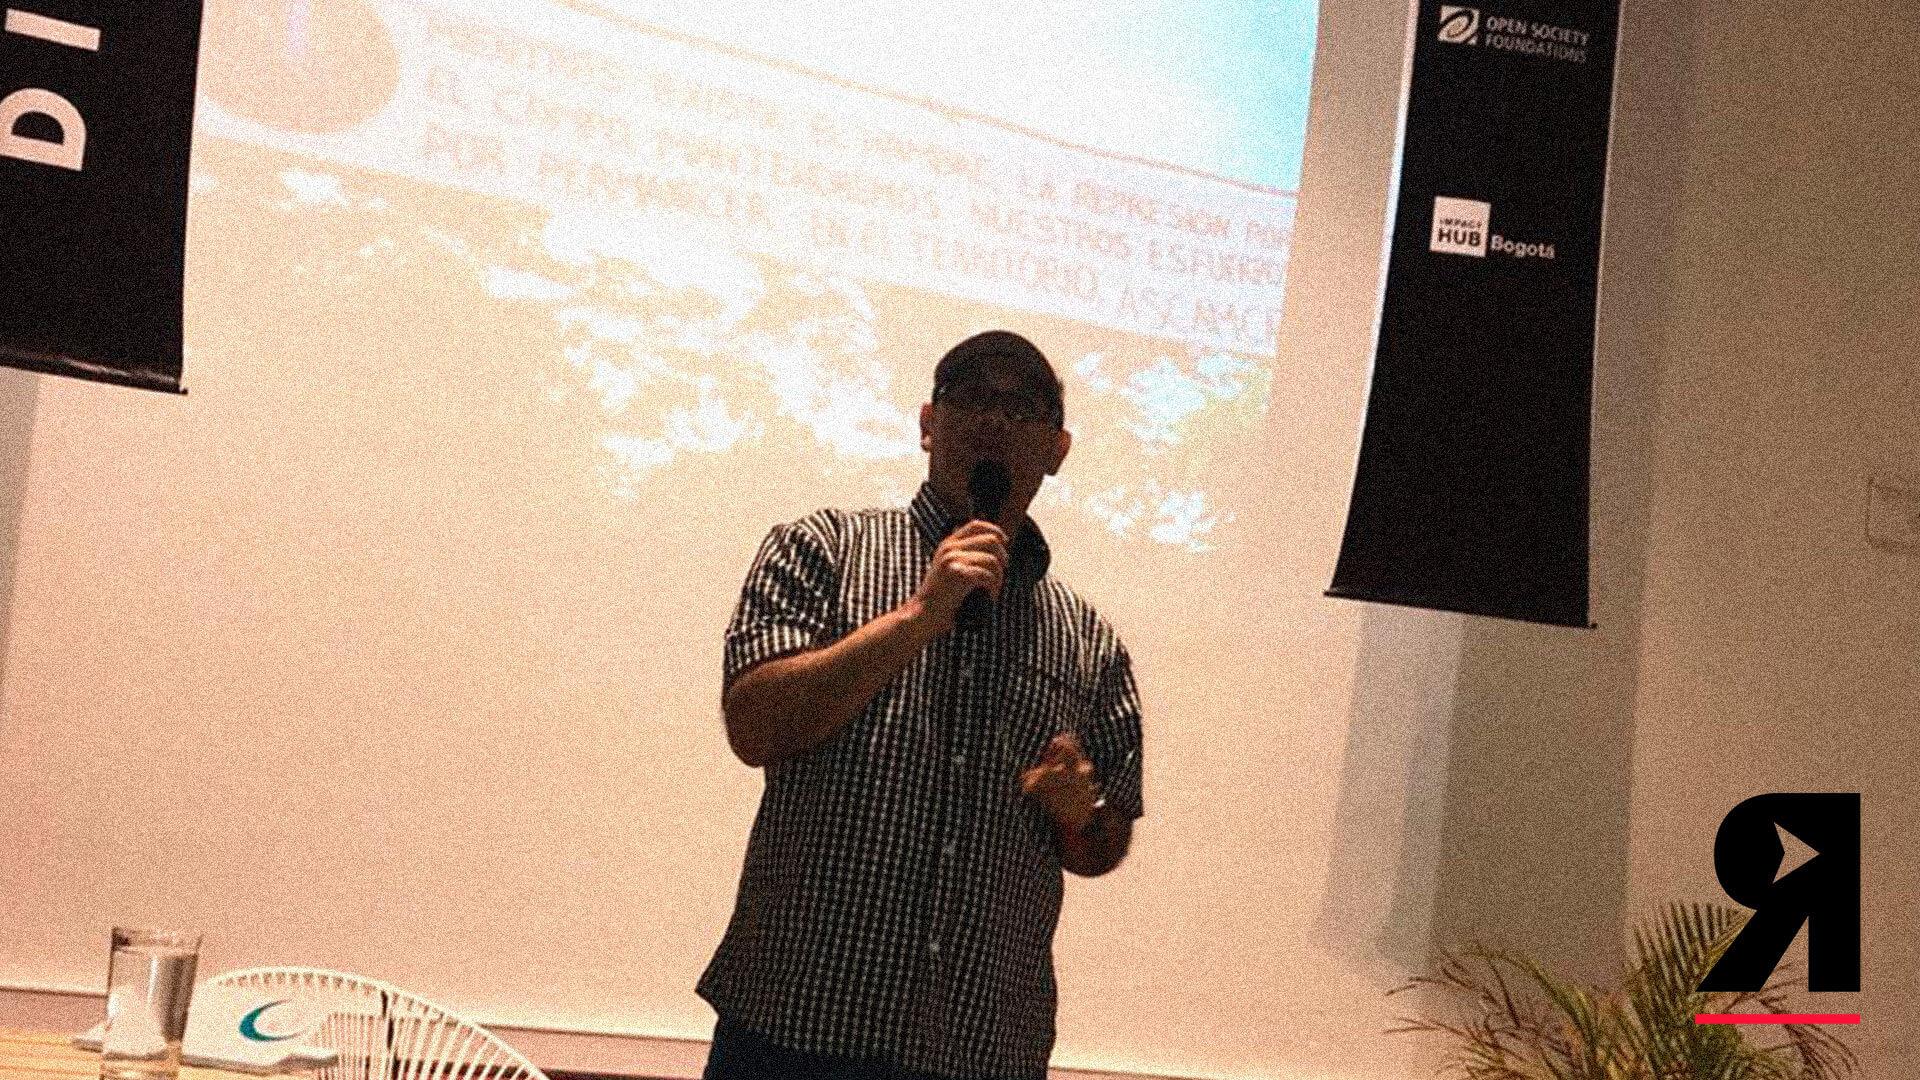 Líderes y activistas empoderados: conclusiones del Primer Encuentro Divergentes